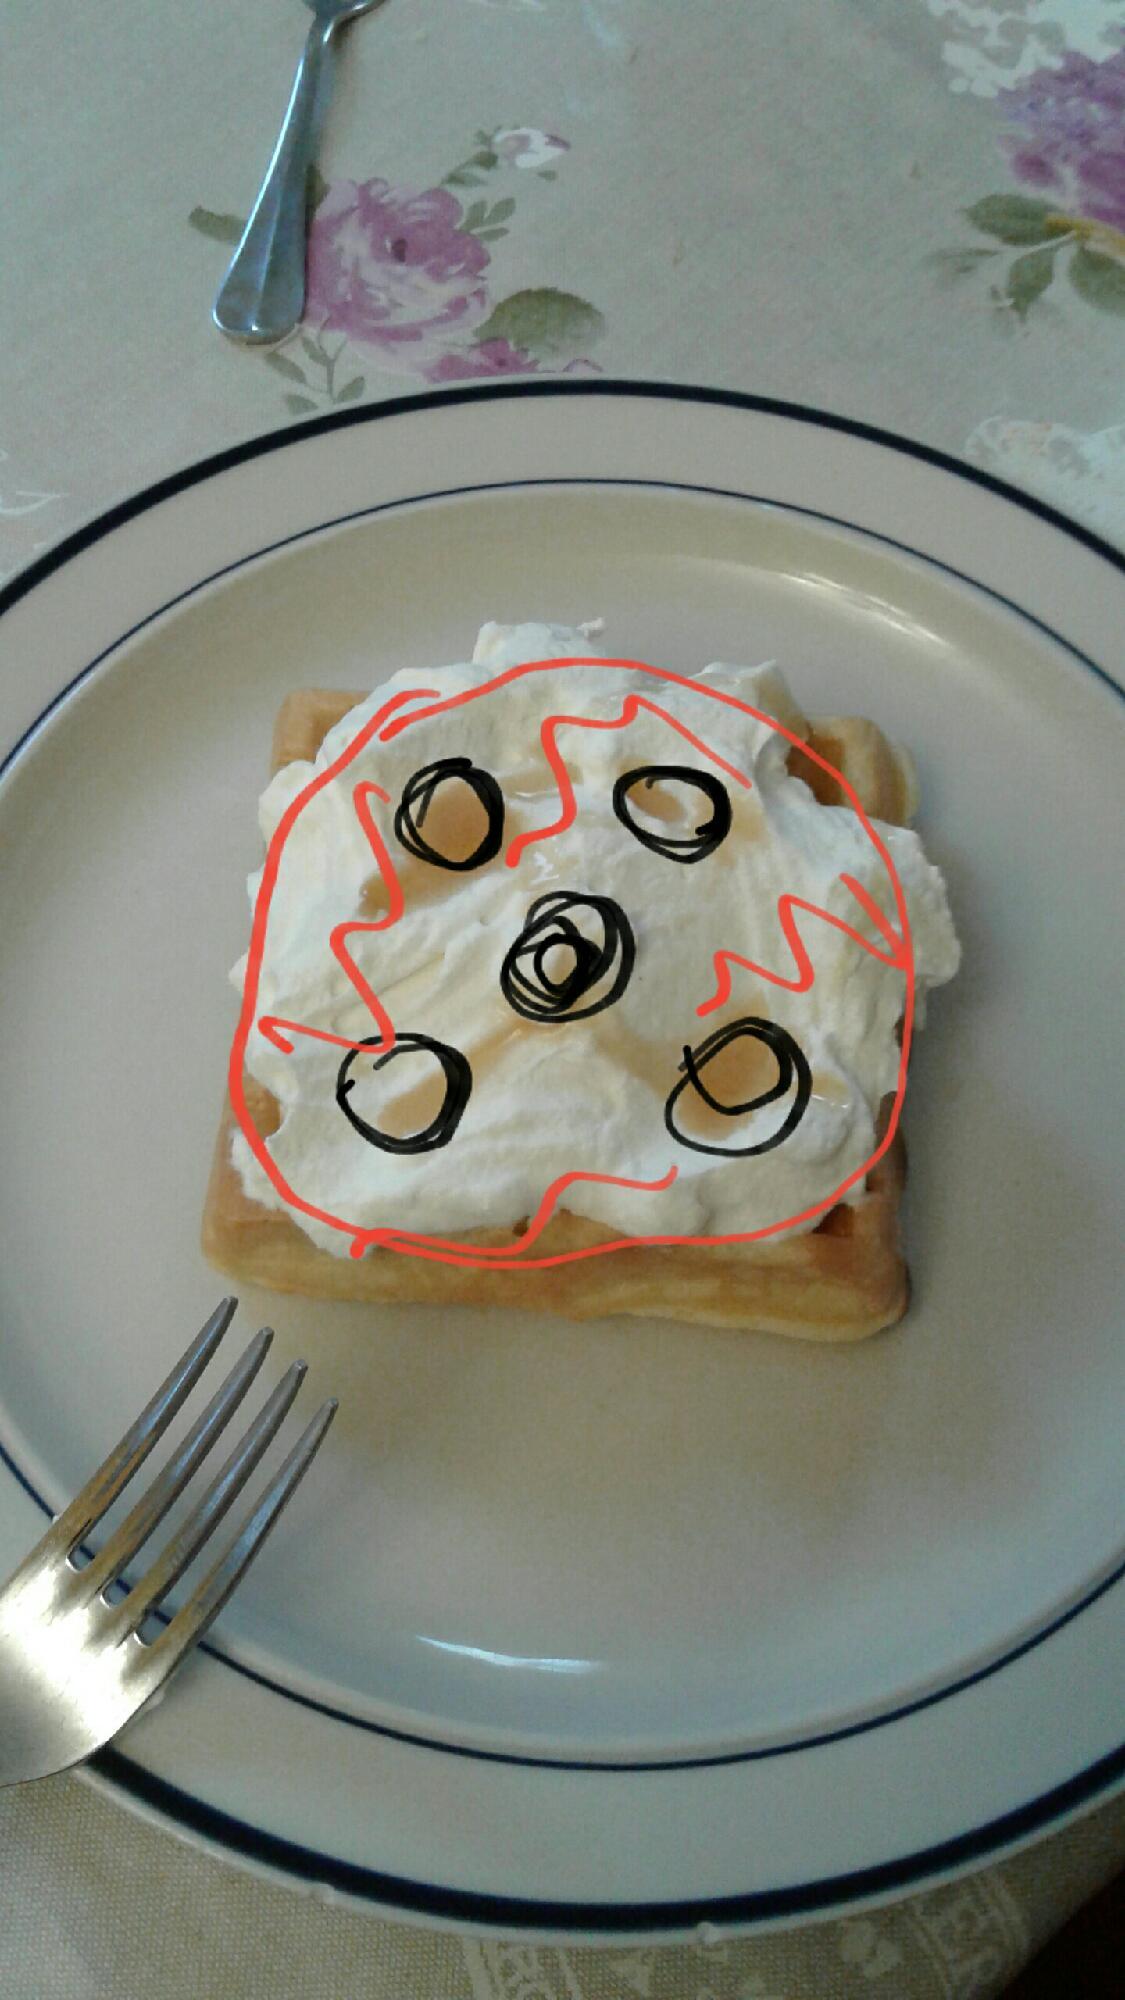 Look at my waffle!